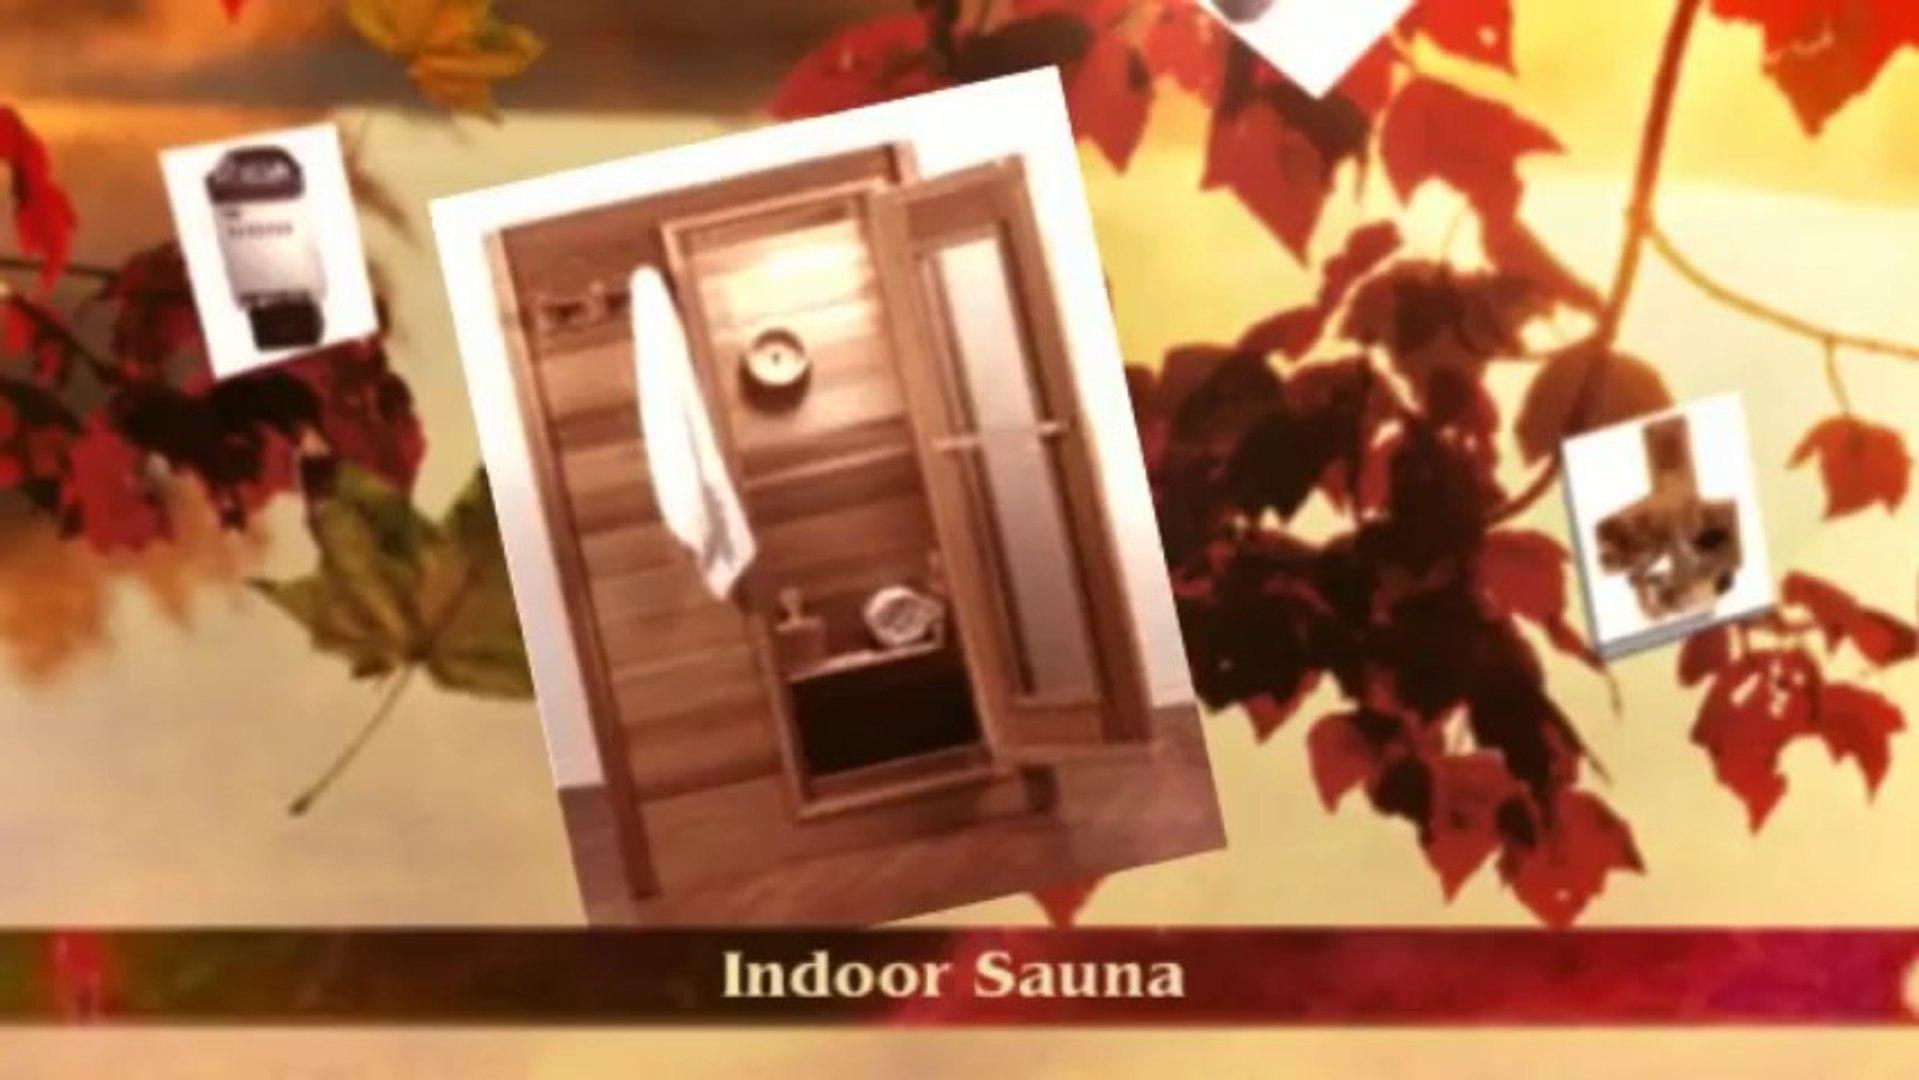 Home Sauna Kits Since 1974 sauna kits